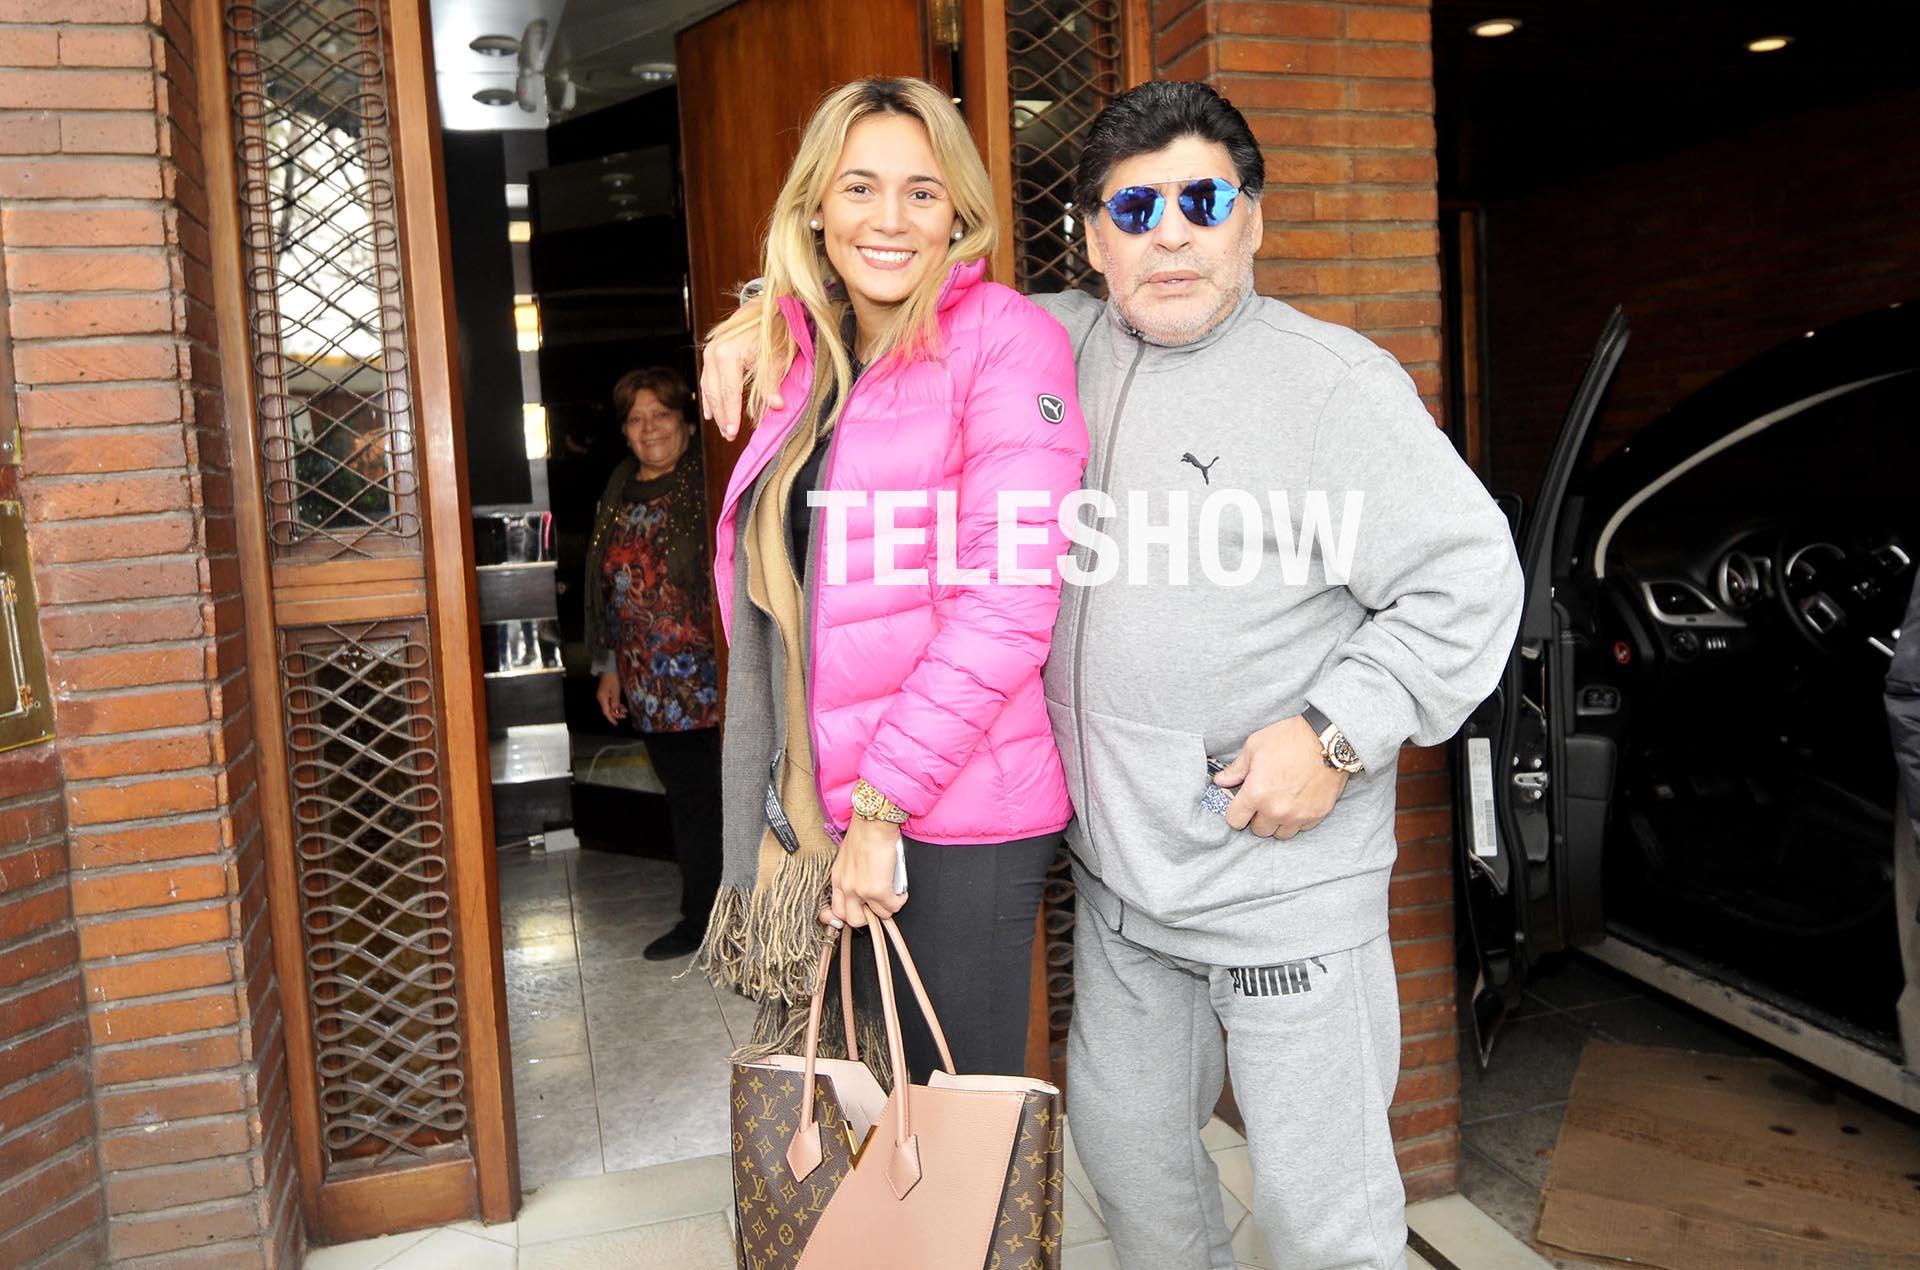 Diego Maradona y Rocío Oliva están de vacaciones en el país (Crédito: Teleshow)